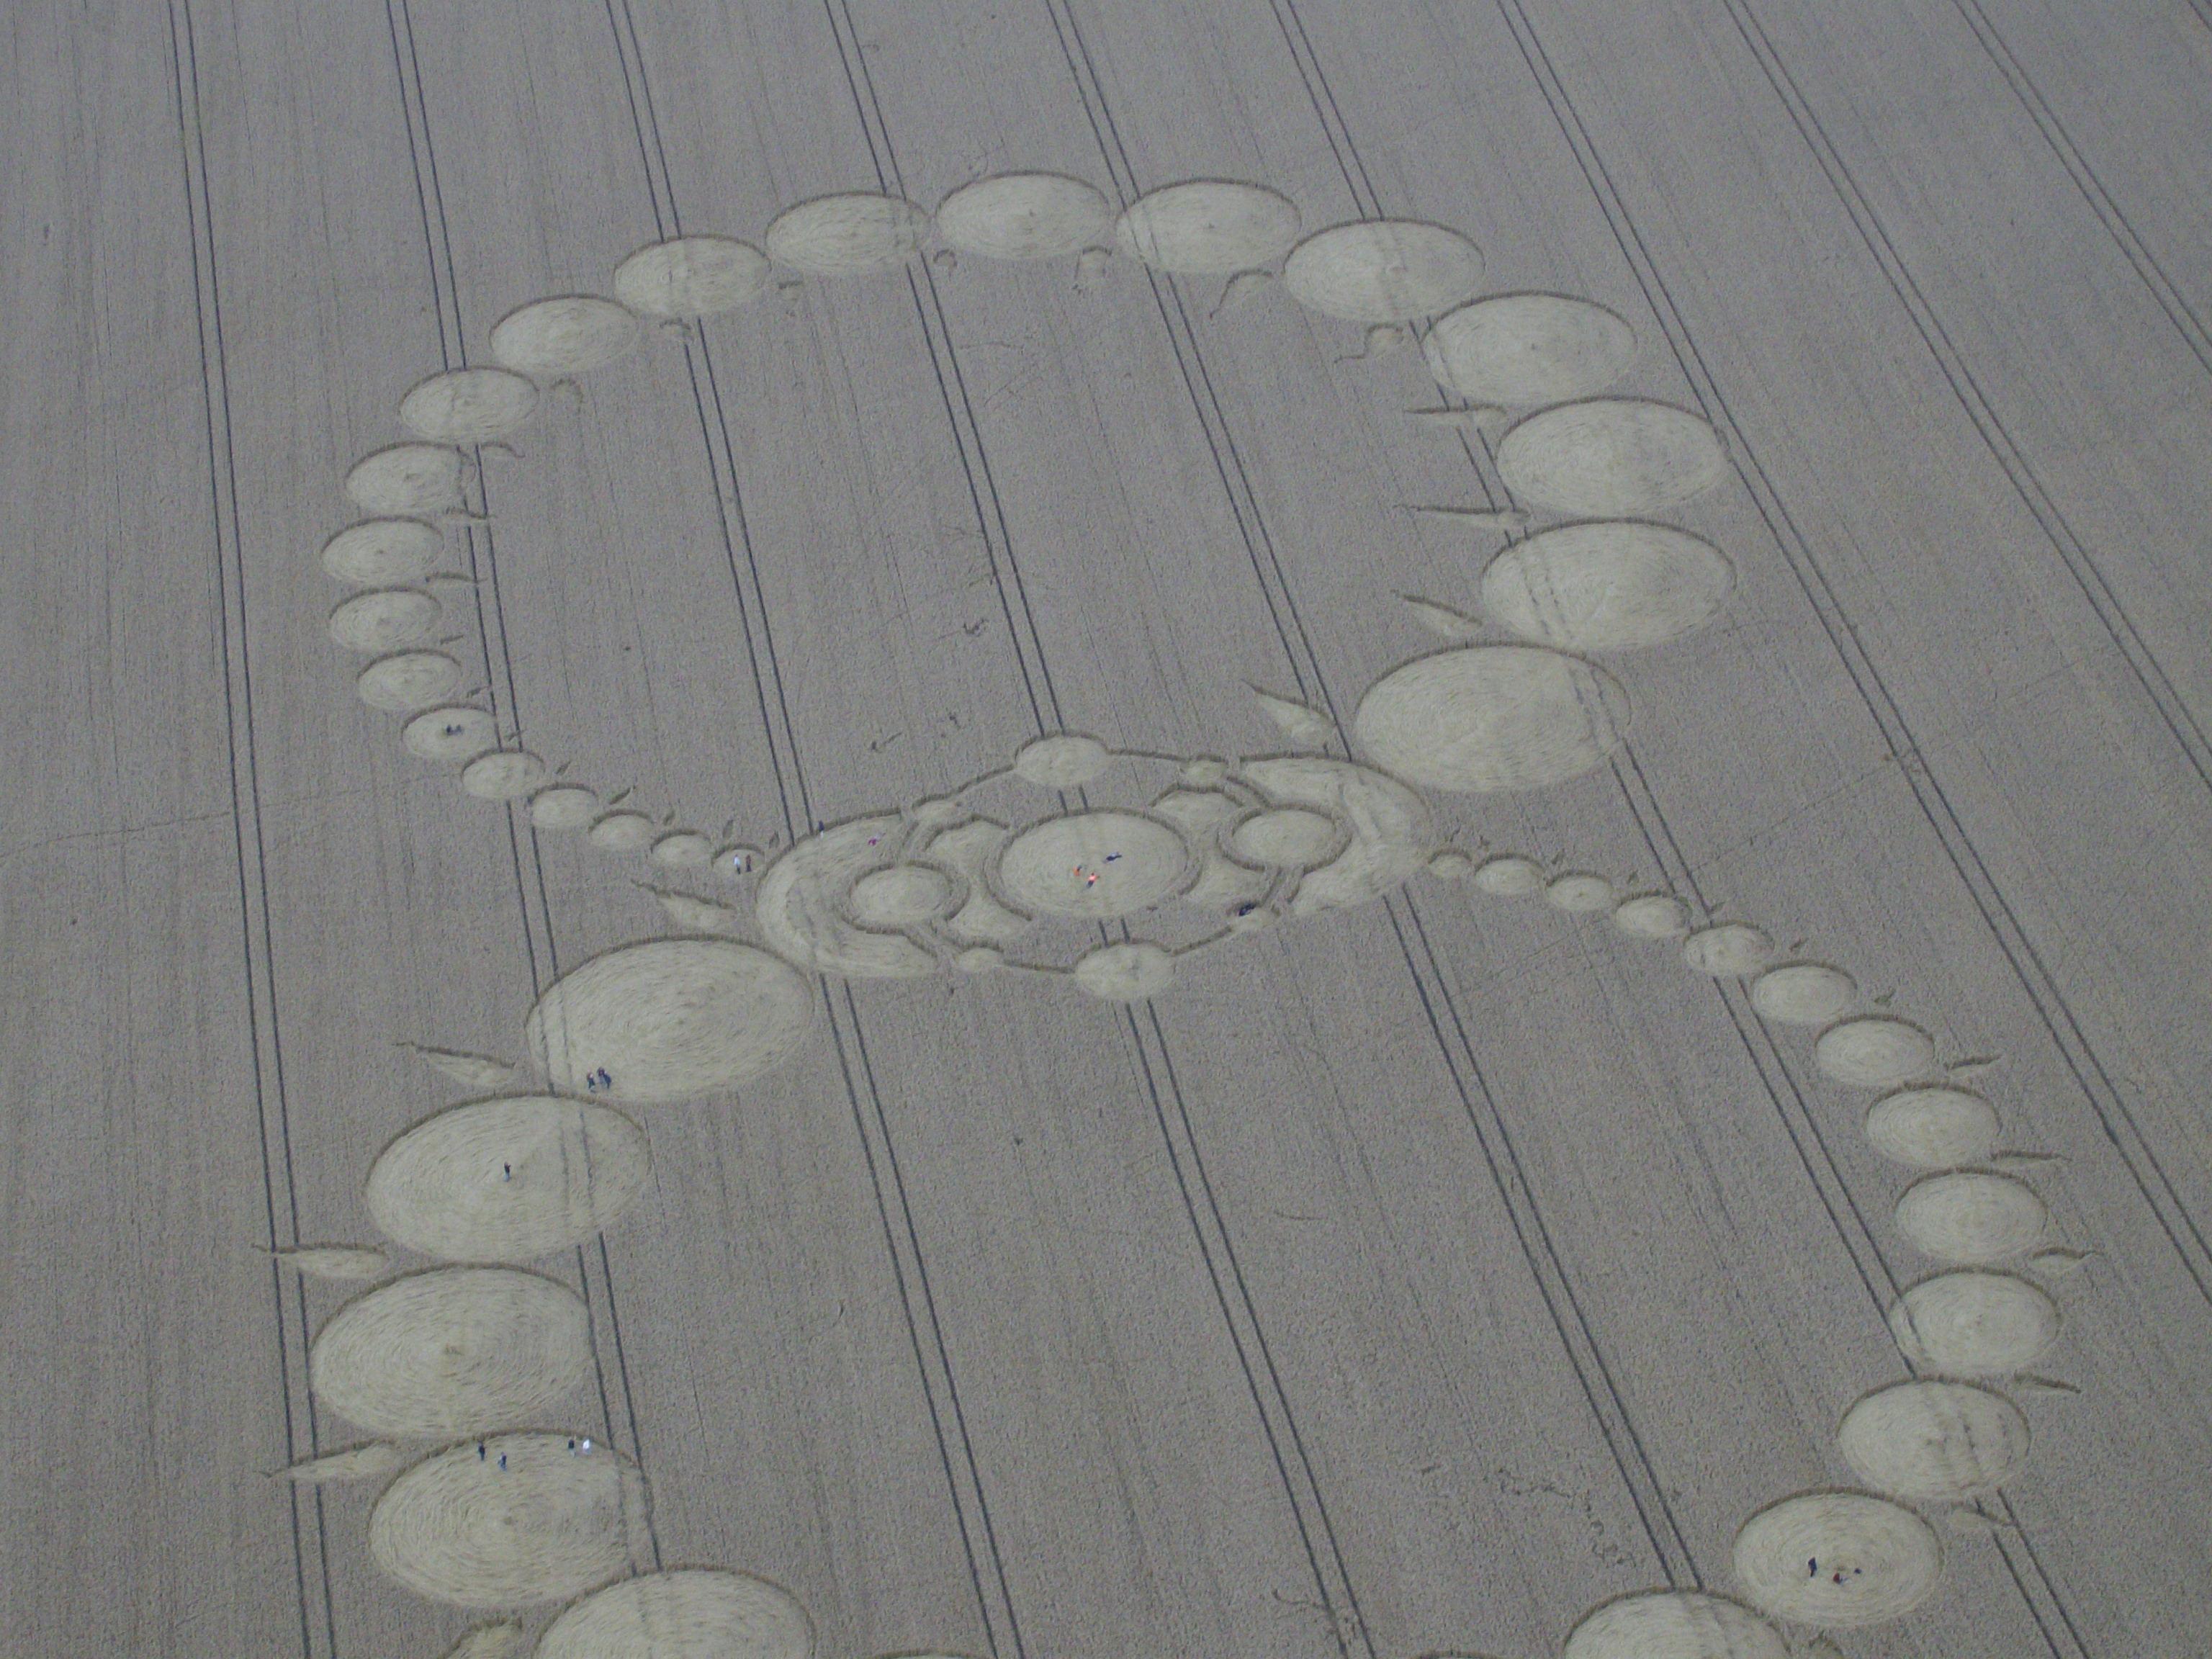 Photothèque personnelle - Crop circle du 8-8-2008 Milk Hill (UK)